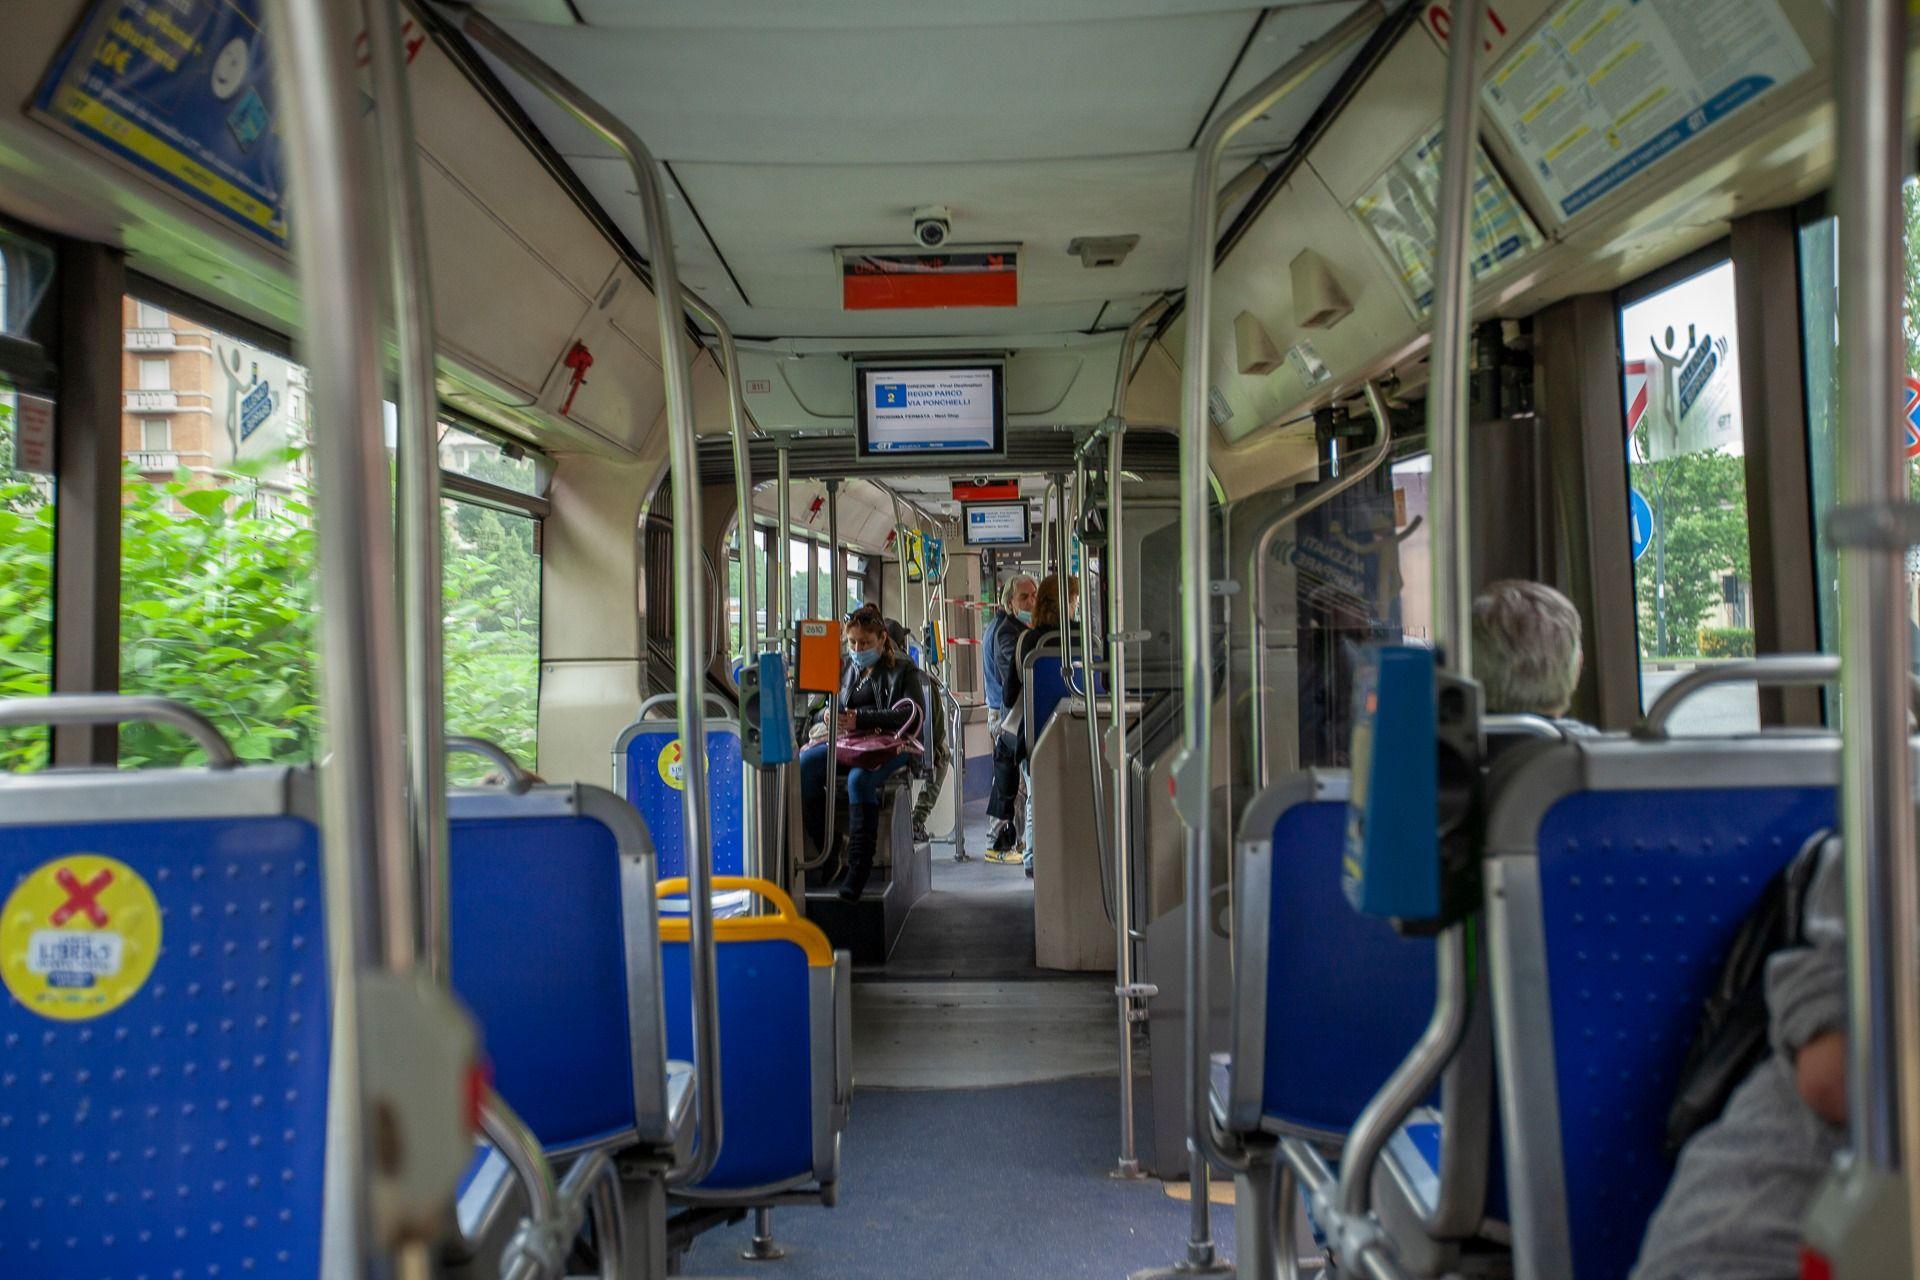 SCUOLA AL VIA - Gtt potenzia le corse bus per non lasciare a piedi nessuno